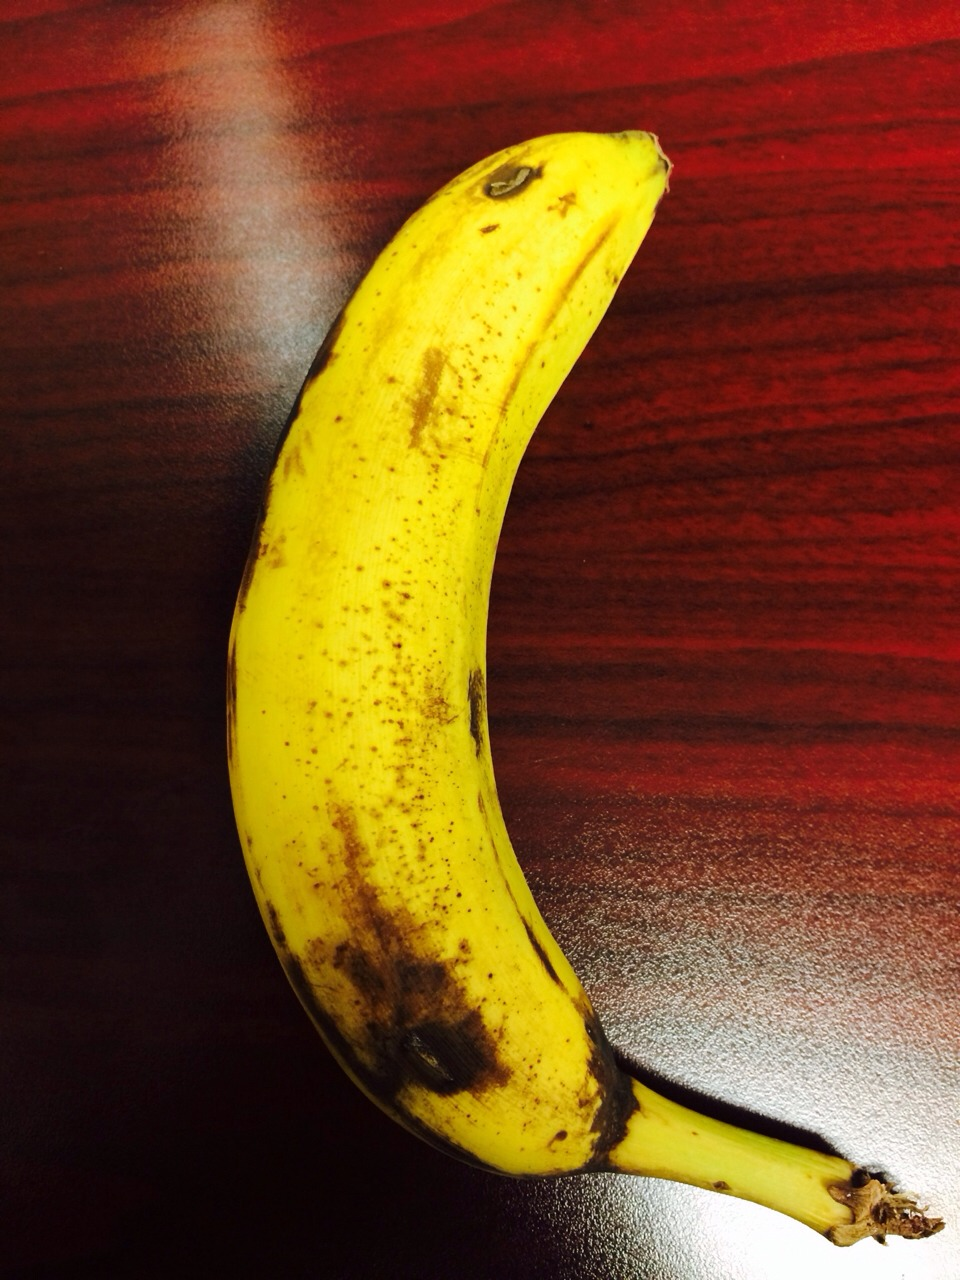 Peeling from bottom = no broken bananas.